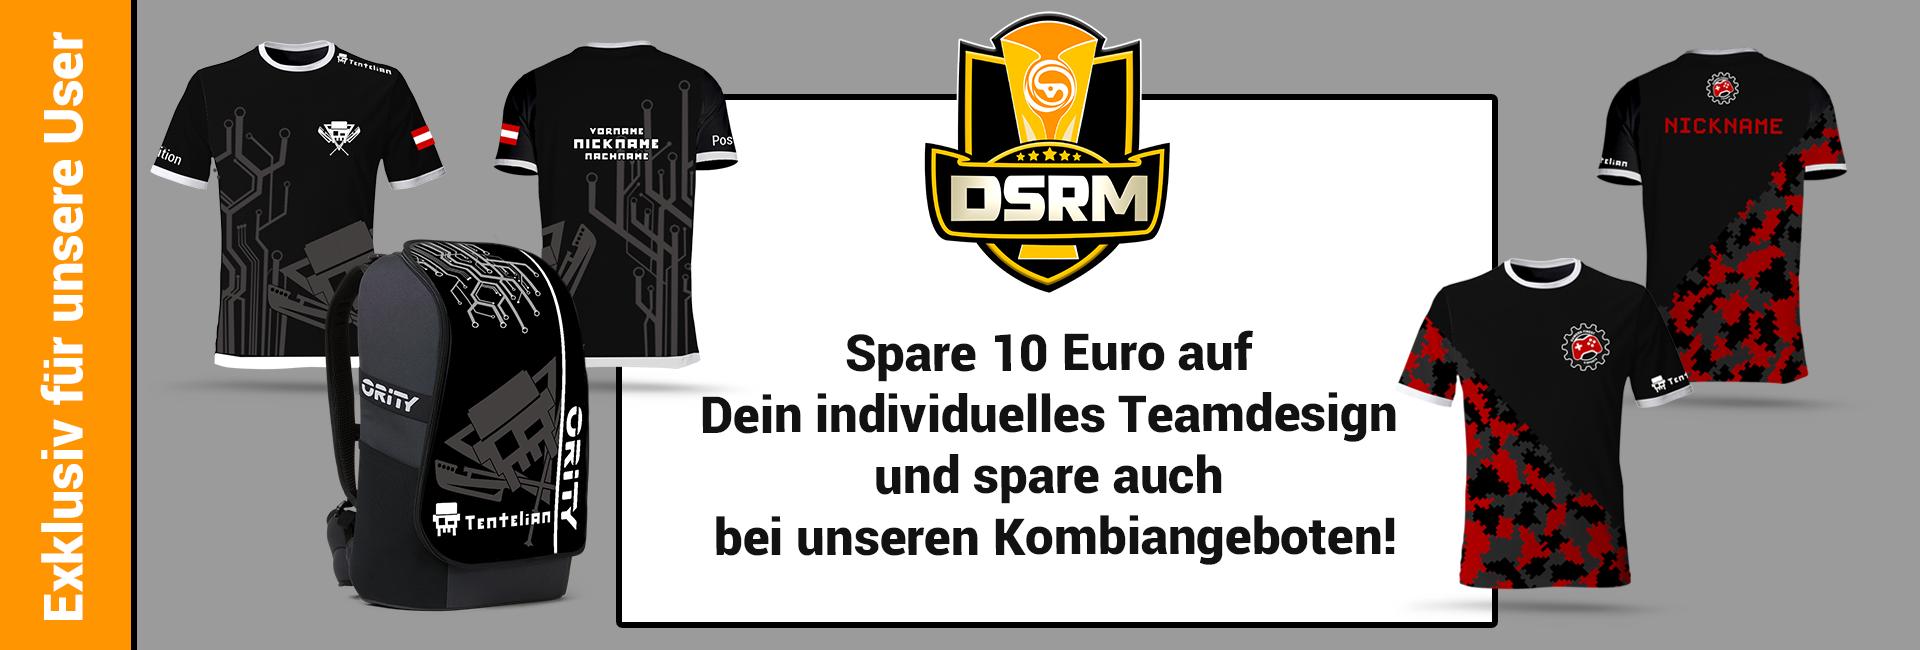 Exklusive Angobte für alle DSRM User